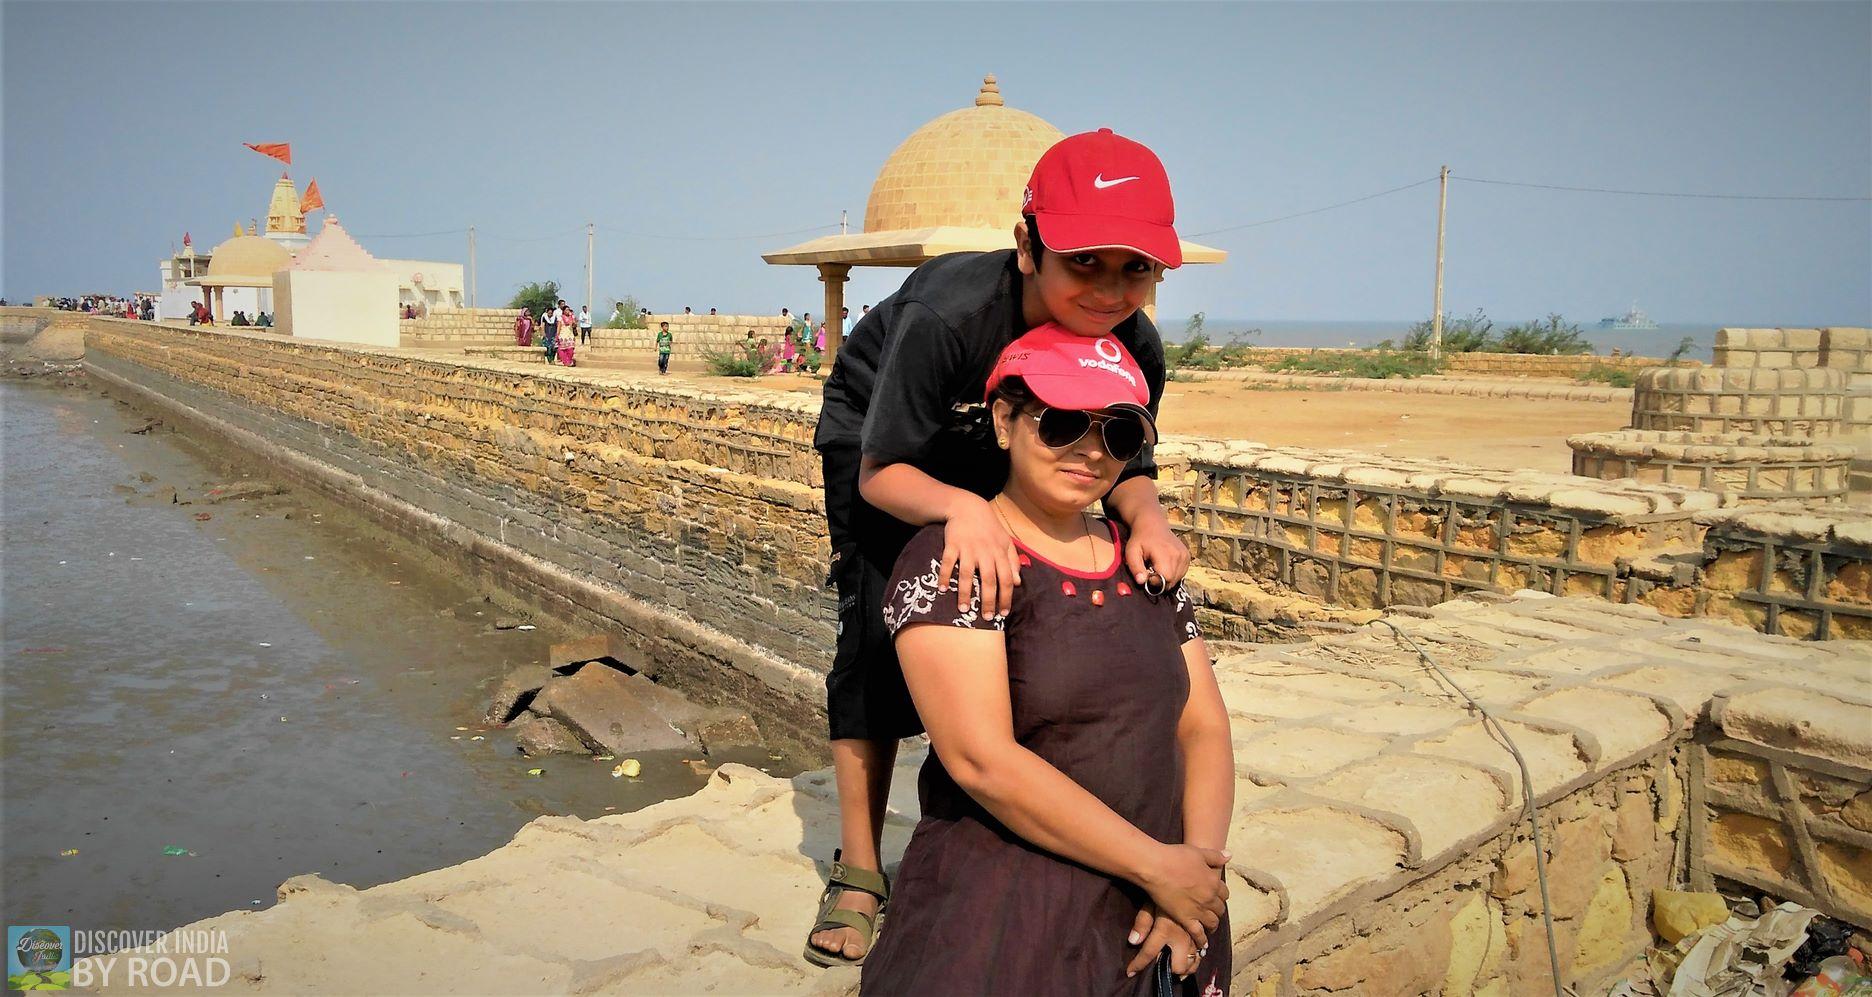 Say cheese moments at Koteshwar Mahadev temple